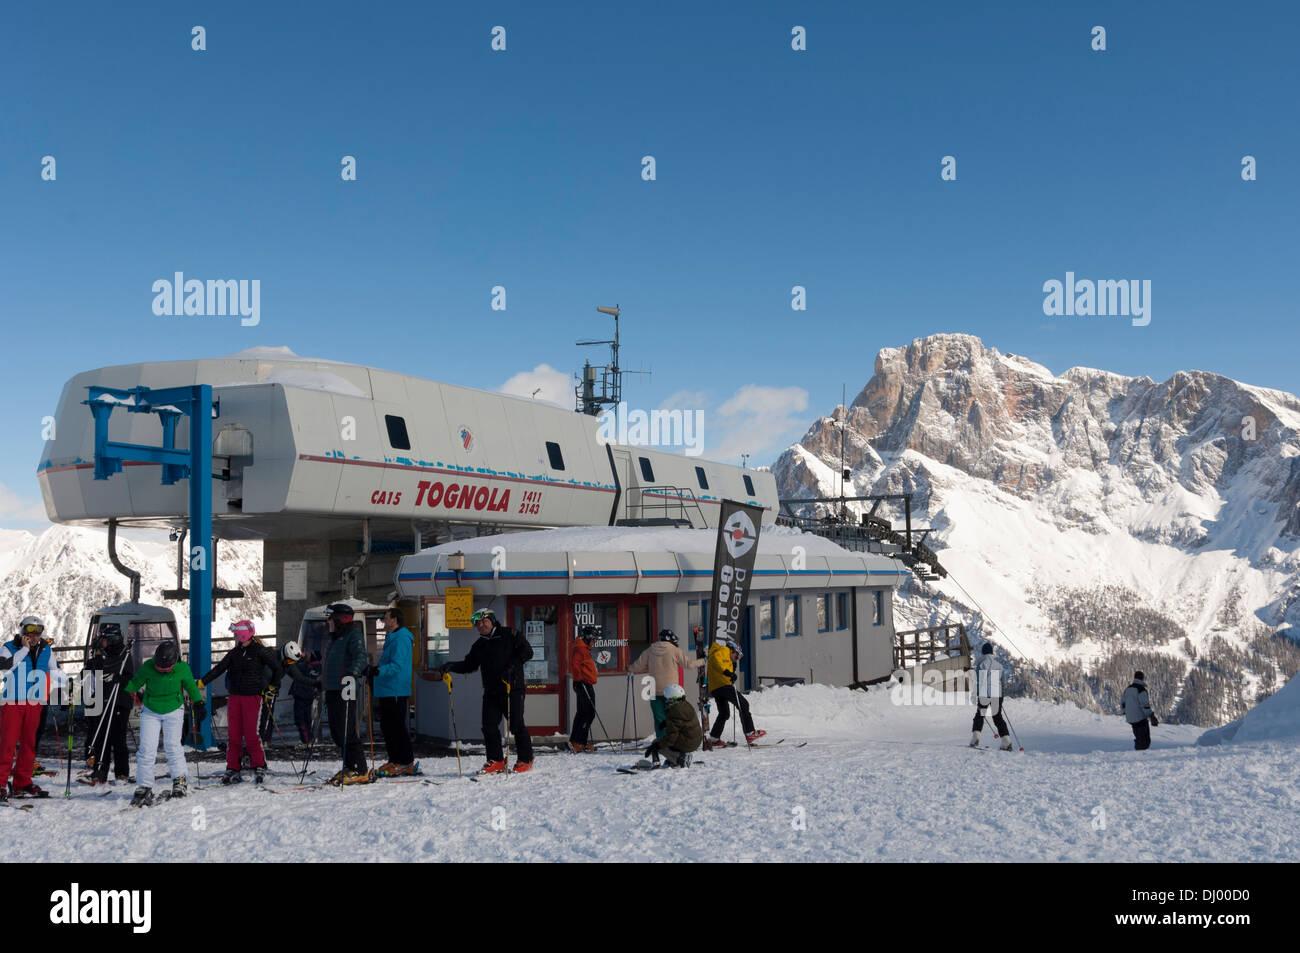 Tognola Ski lift, San Martino di Castrozza, Dolomiti. Stock Photo